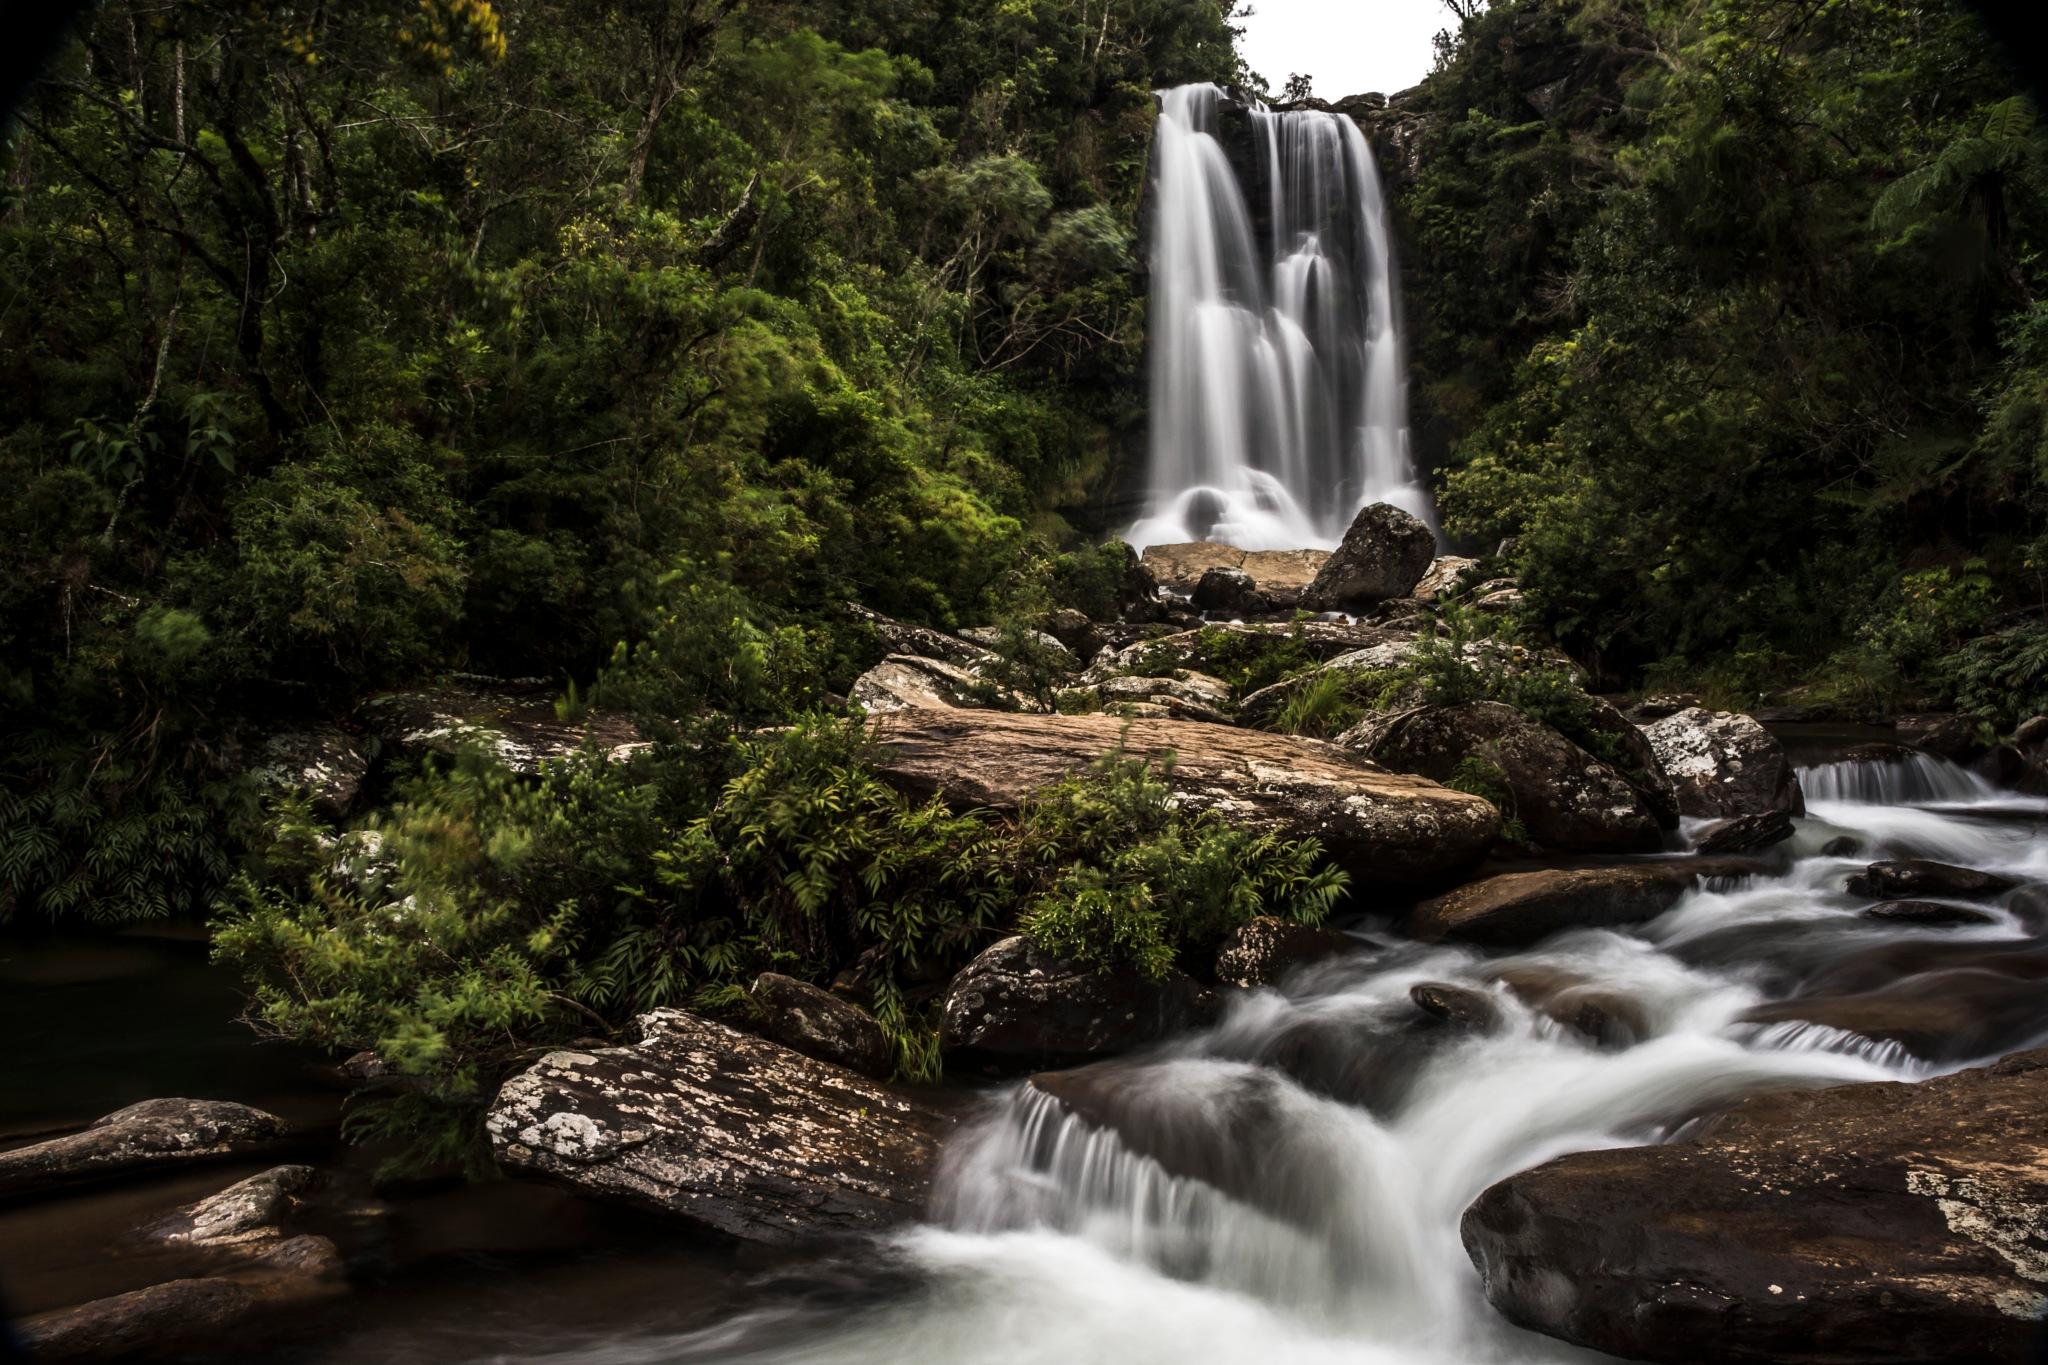 Cachoeira dos Garcias by Wilton Esteves